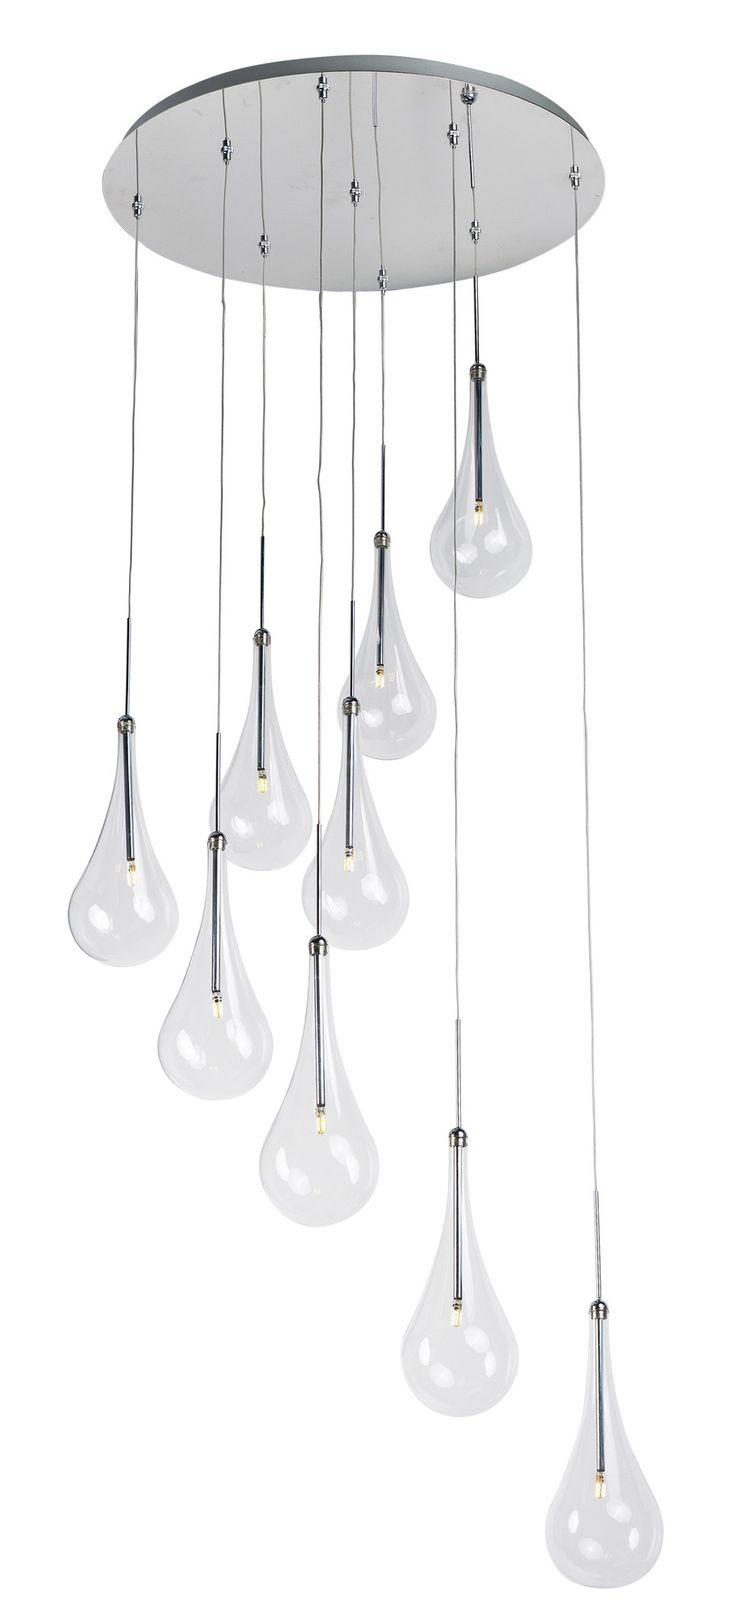 The 25 best g4 led ideas on pinterest industrial table lamps larmes 9 light led pendant arubaitofo Gallery